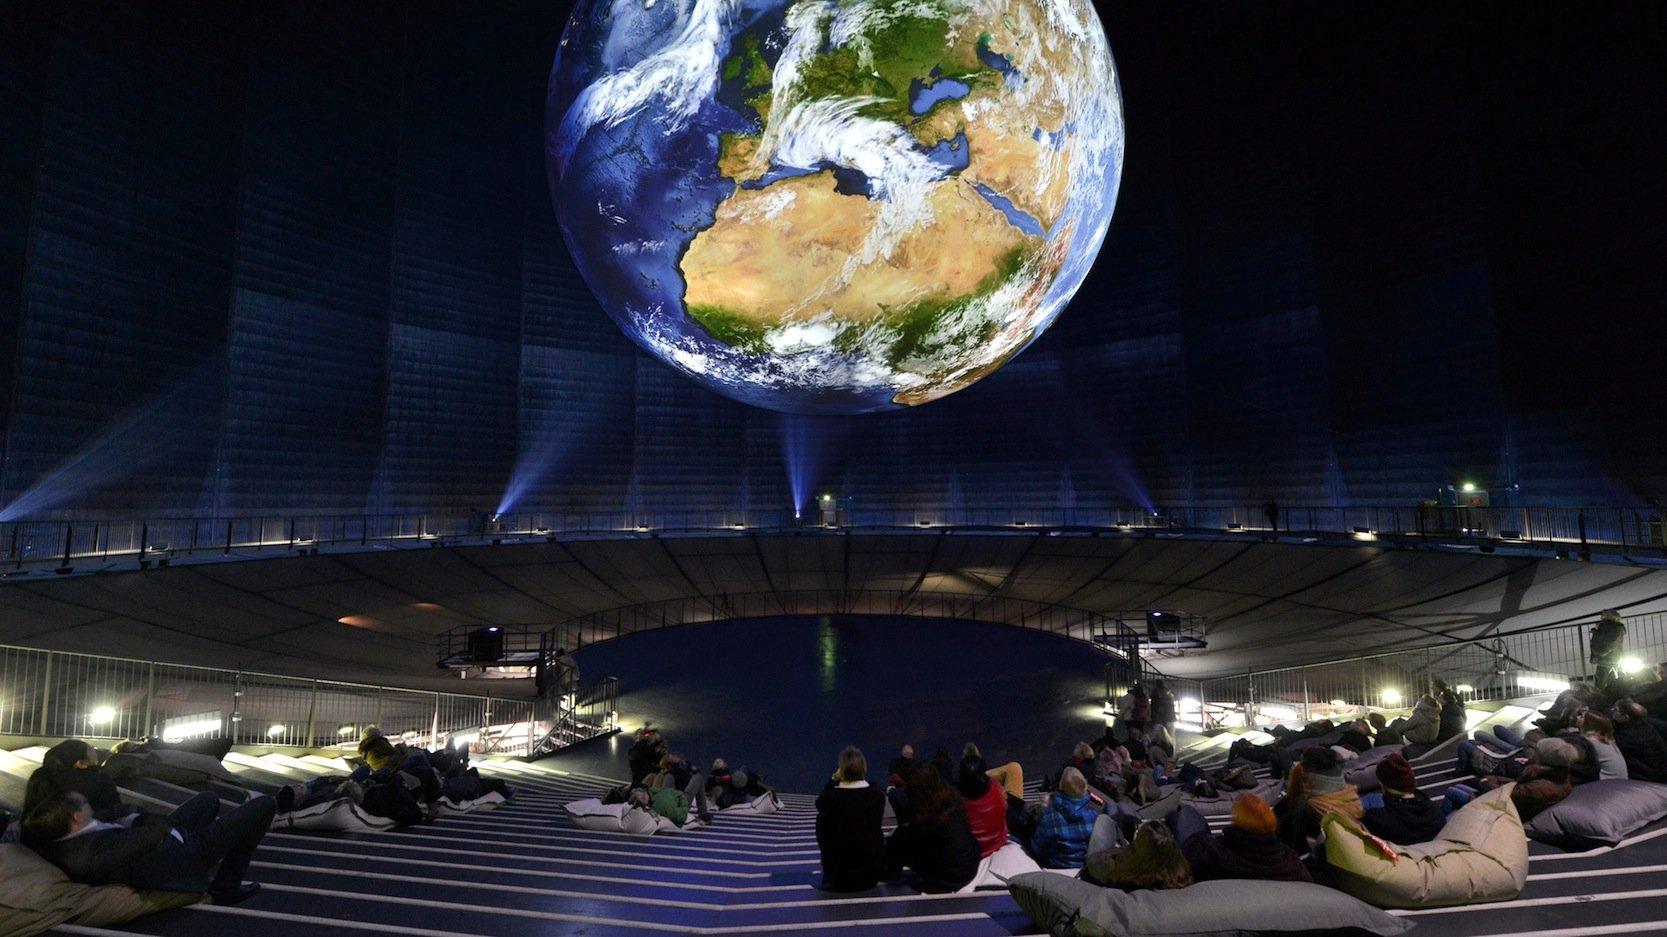 Blick im Gasometer Oberhausen auf die Erde, so wie sie Astronauten aus dem Weltall sehen: Um diesen visuellen Eindruck zu bieten, hat das Deutsche Zentrum für Luft- und Raumfahrt 1,5 Millionen Bilder gespeichert und verarbeitet.